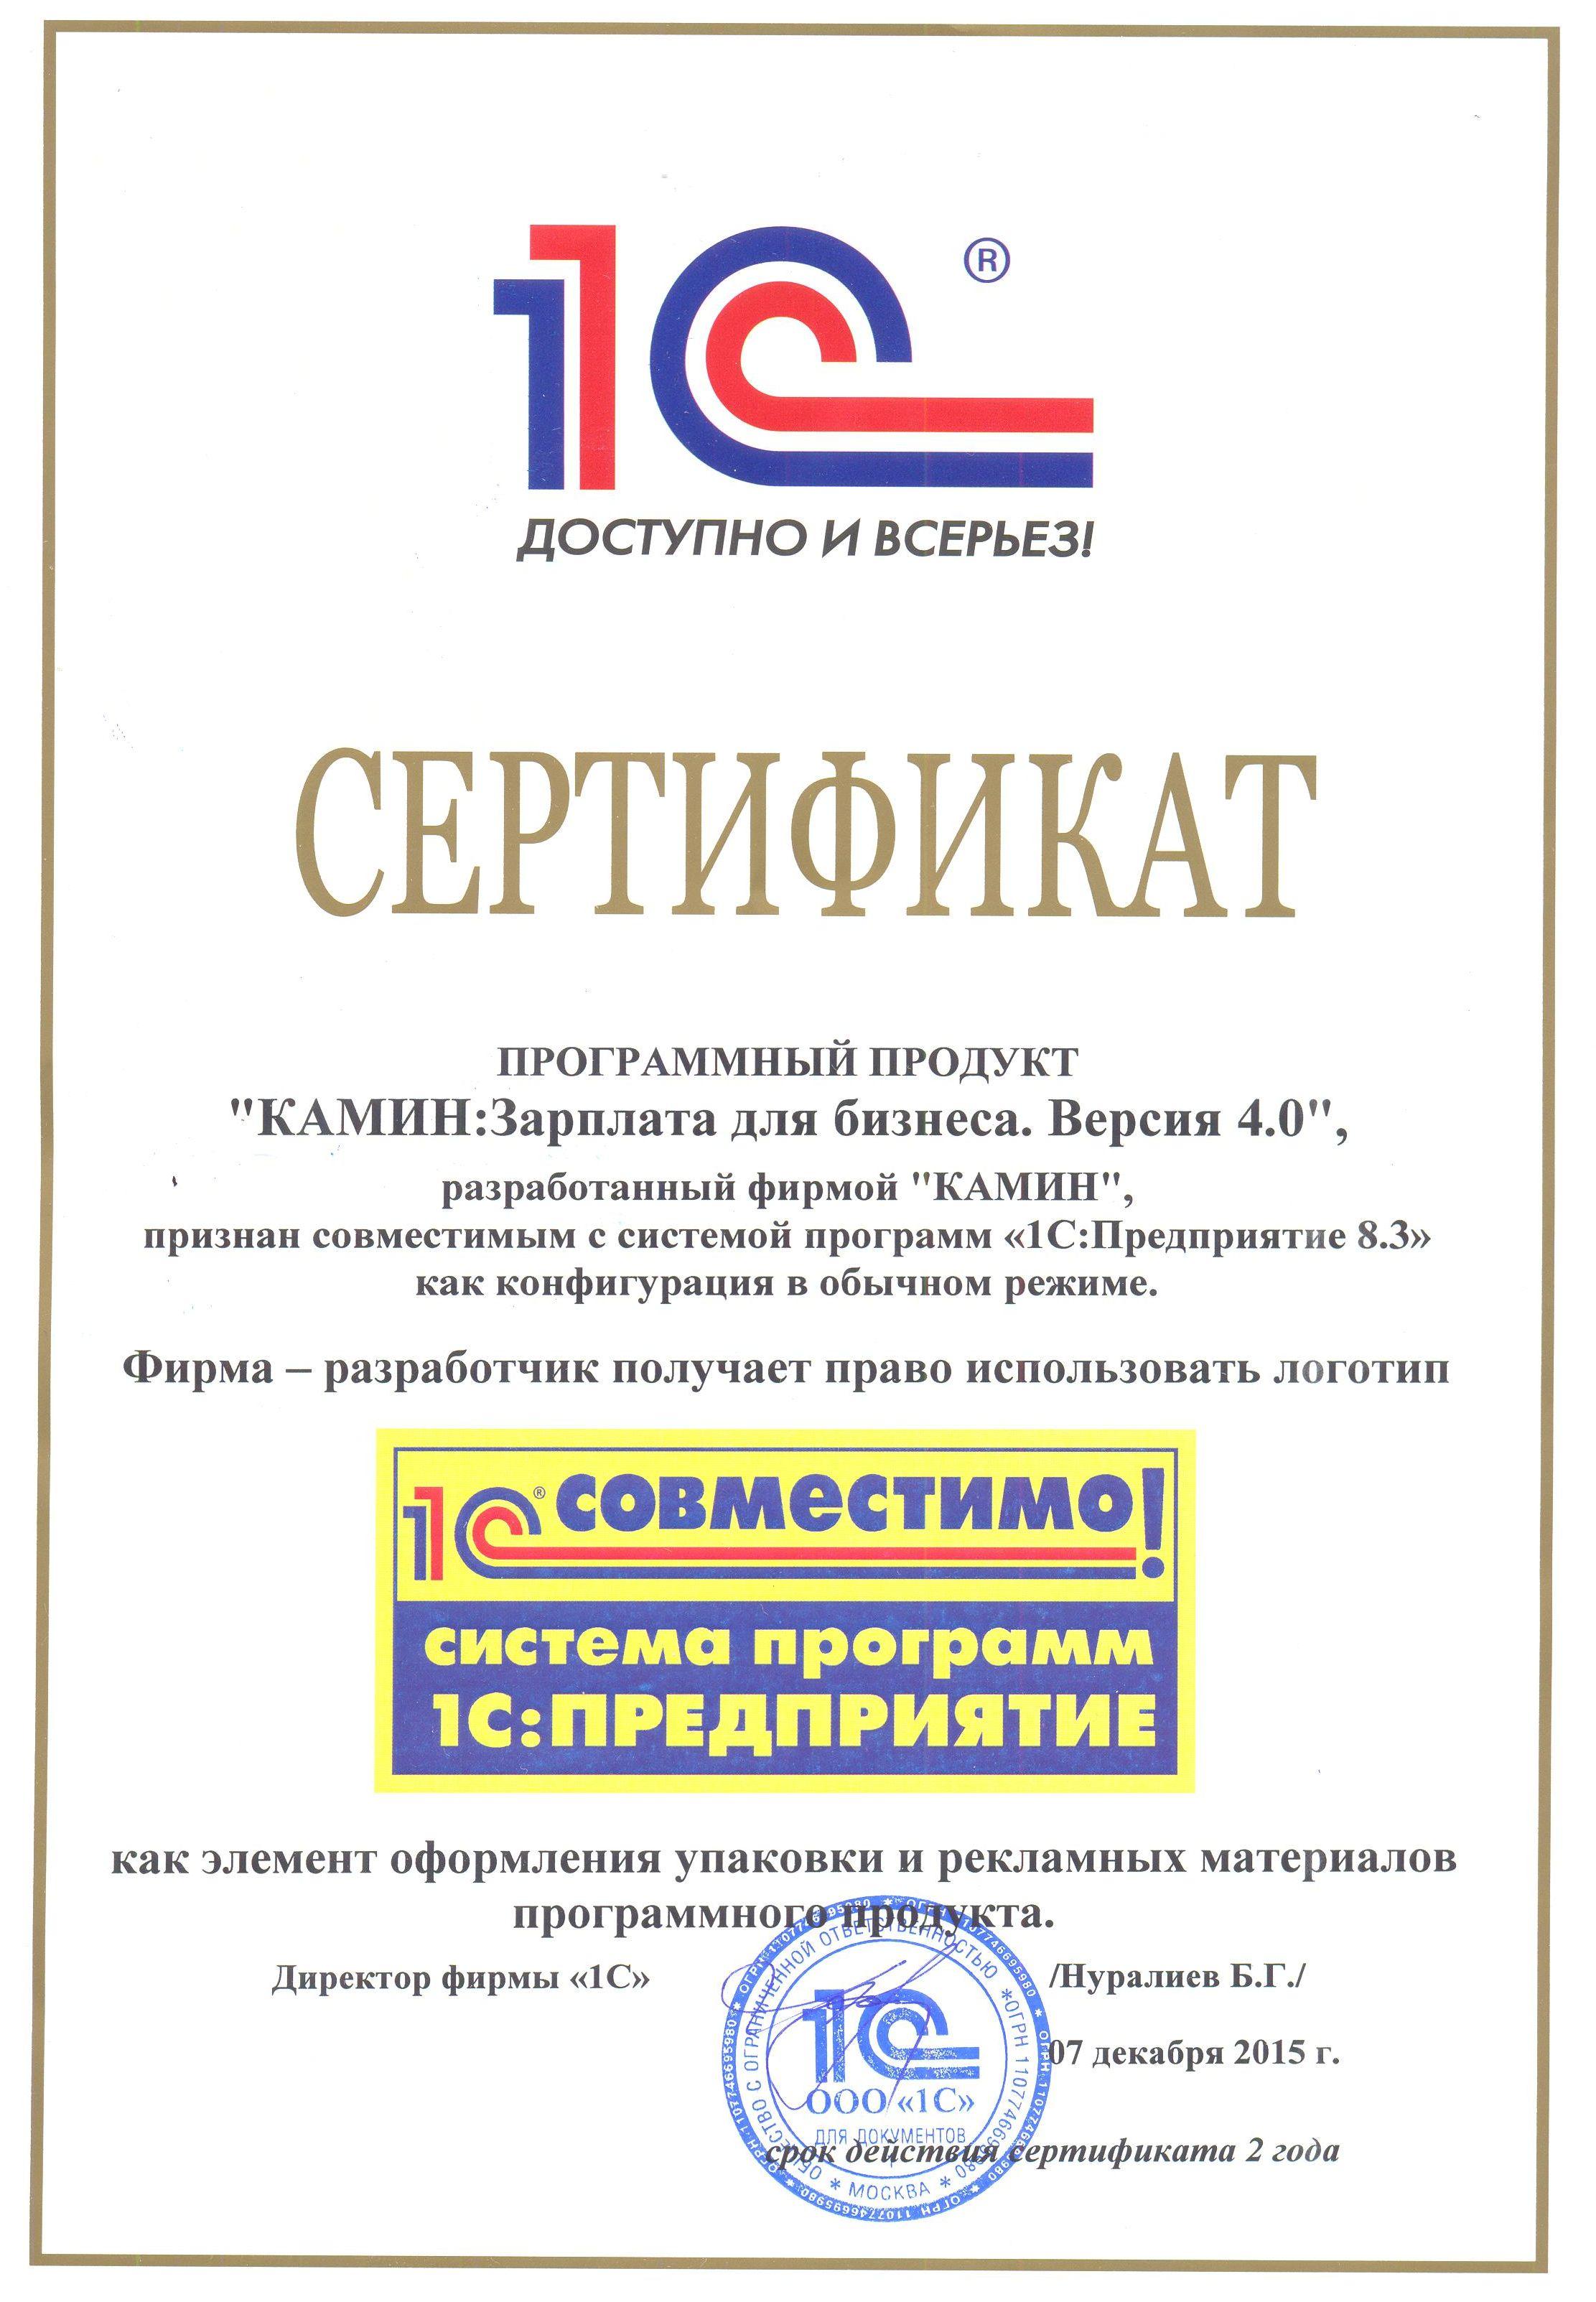 Сертификат 'Совместимо! 1С:Предприятие'